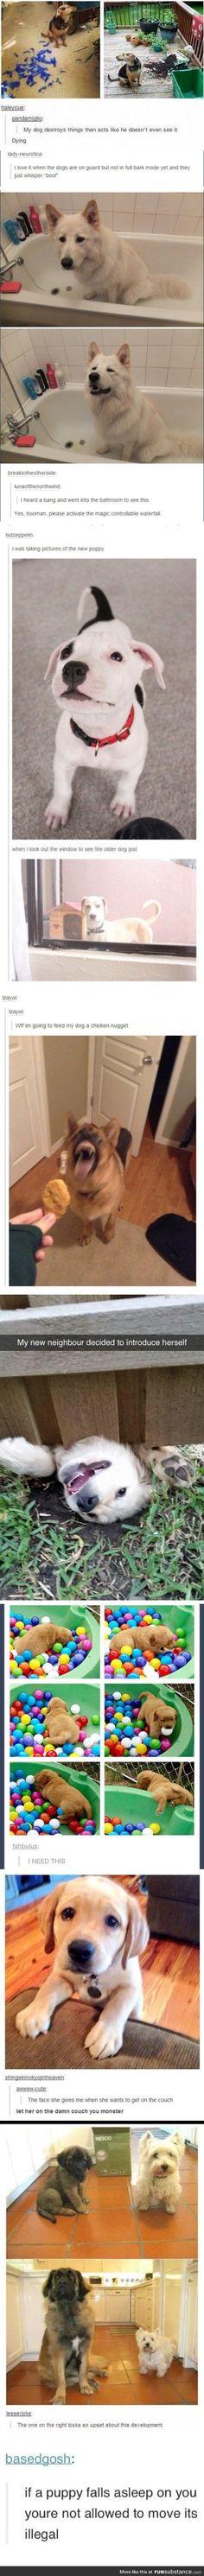 Tumblr Dog edition.